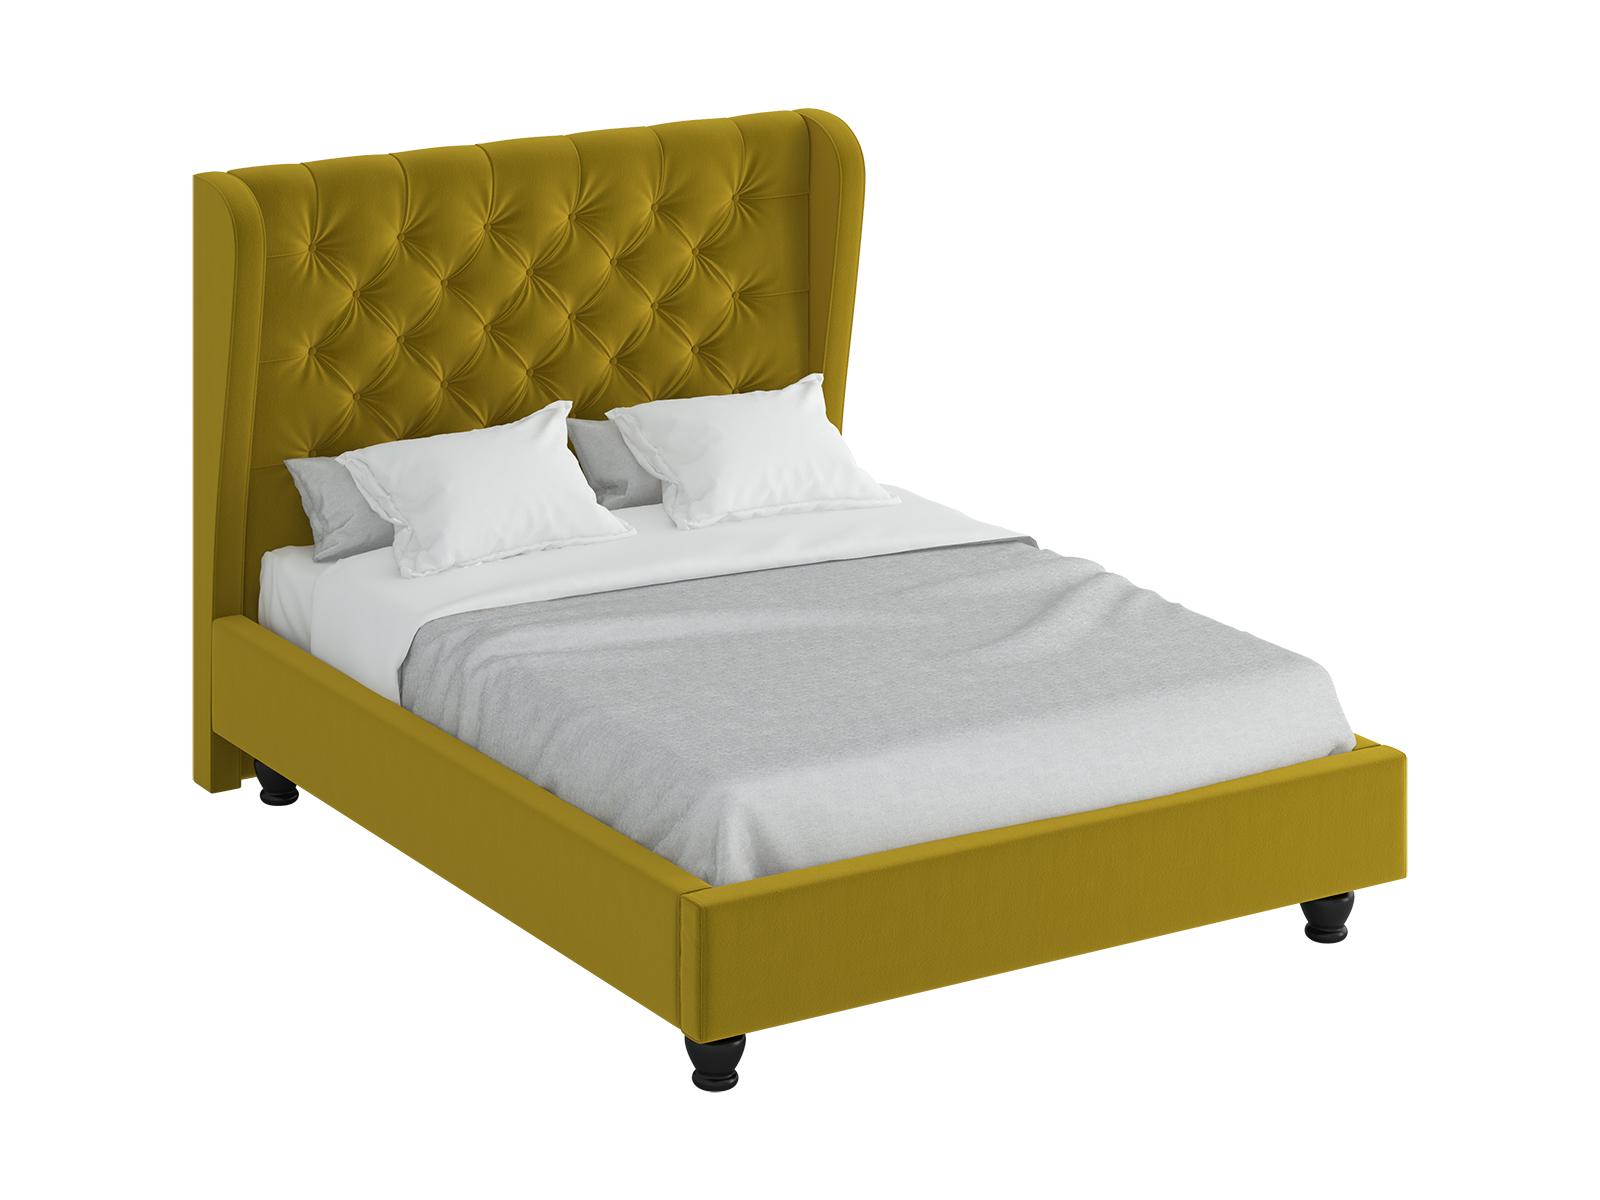 Кровать JazzКровати<br>Двуспальная кровать с высокой спинкой и декоративными  элементами . Спинка декорирована пуговицами. Кровать установлена на фигурные деревянные ножки. Выполняется в трёх вариантах размеров спального места: 2000х2000 мм, 1800х2000 мм и 1600х2000 мм.<br>